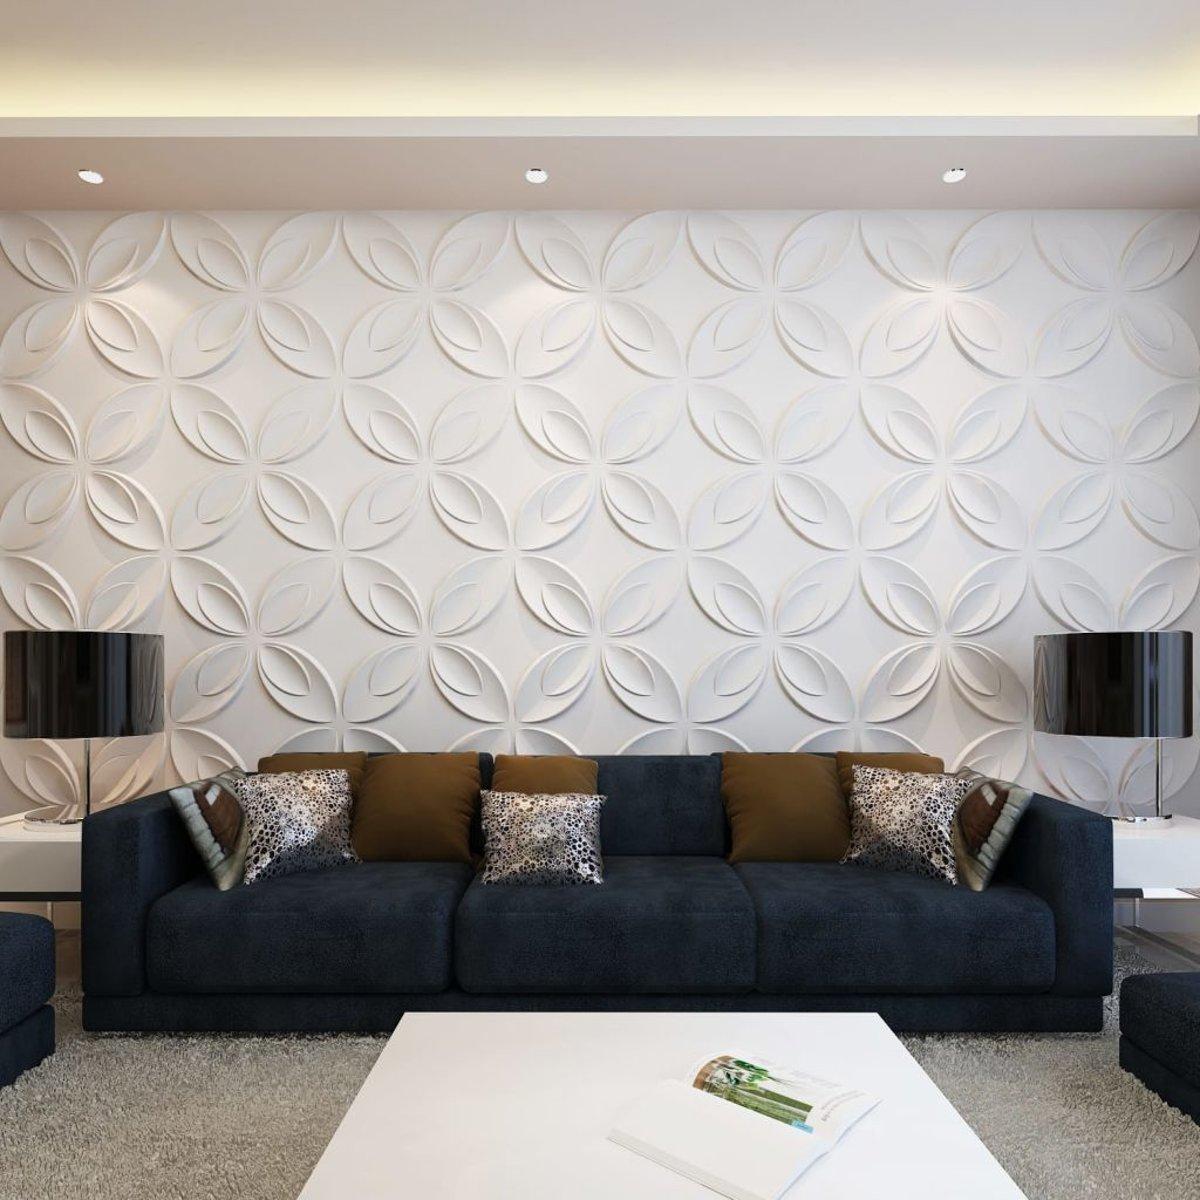 vidaXL 66 x 3D wandpanelen (bloemenmotief) 0.3 m x 0.3 m - 6 m² kopen